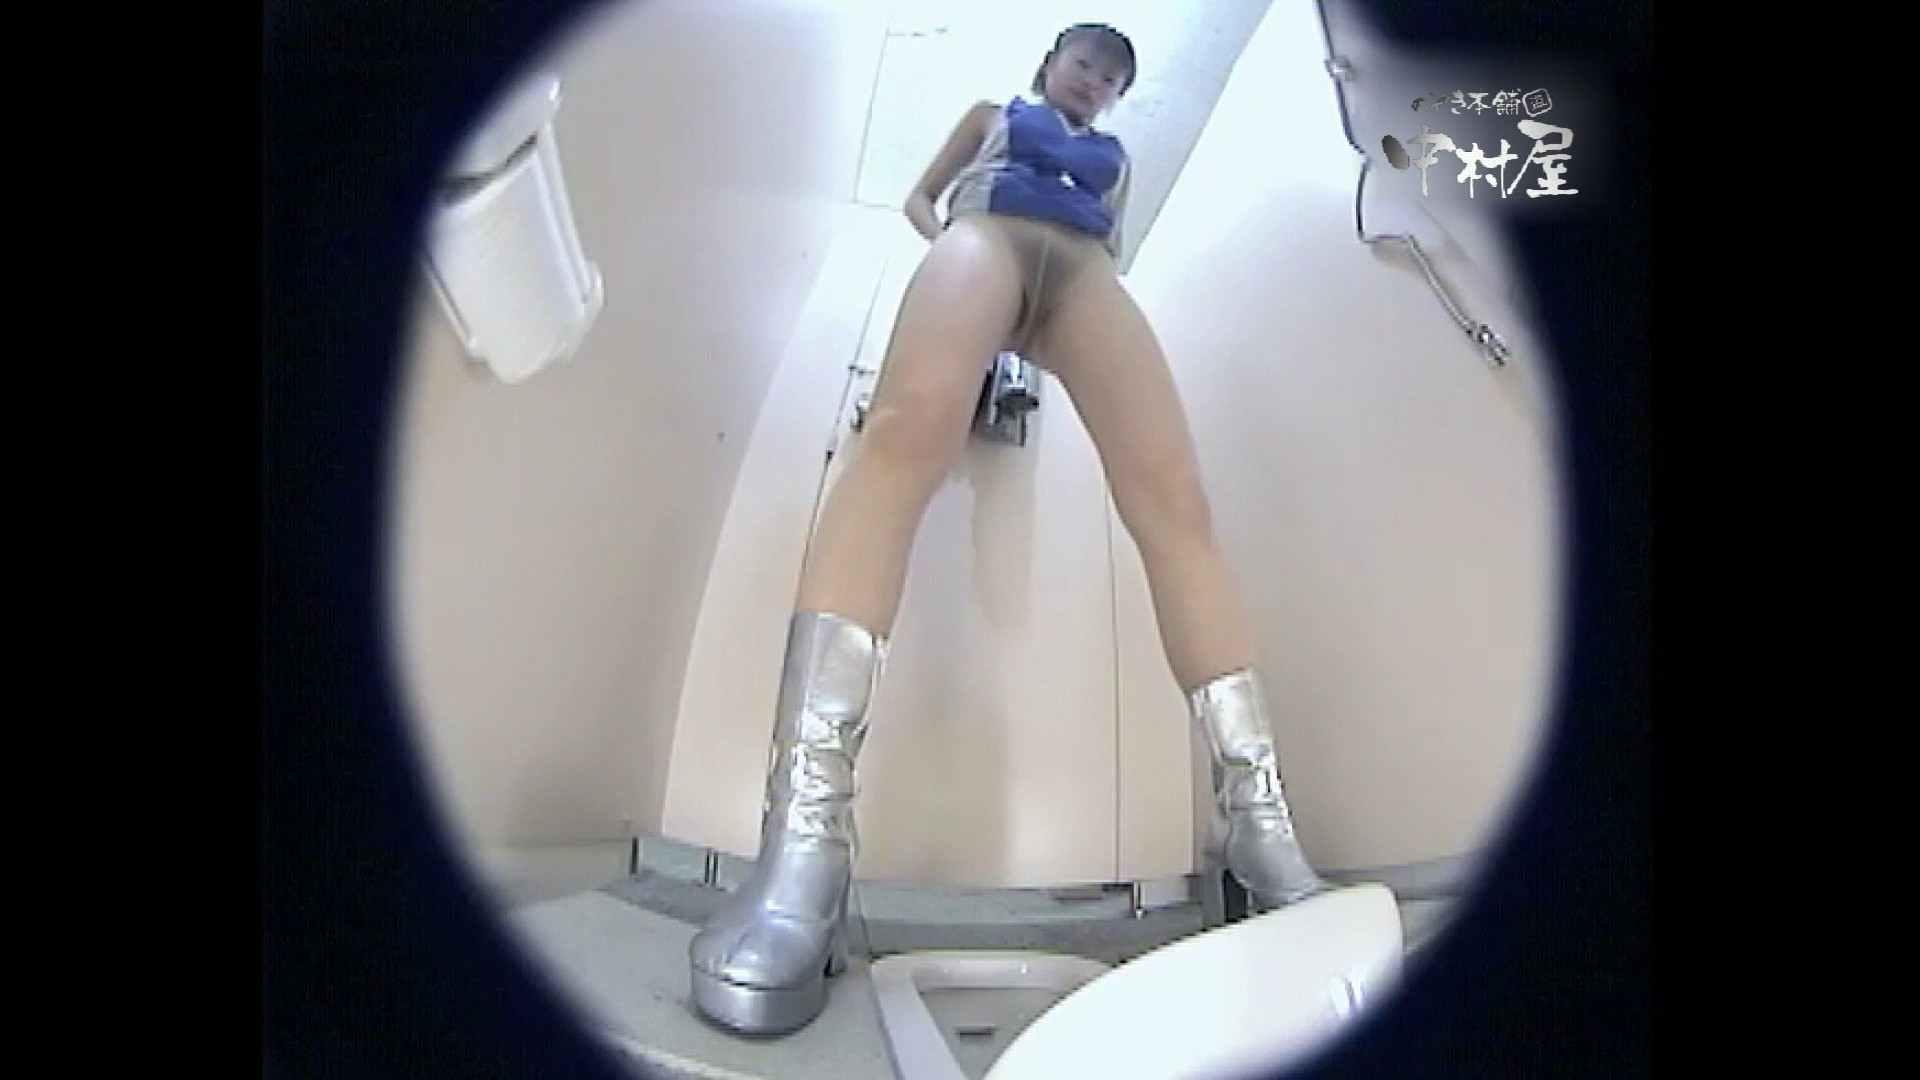 レースクィーントイレ盗撮!Vol.05 美女まとめ おめこ無修正画像 113PIX 67